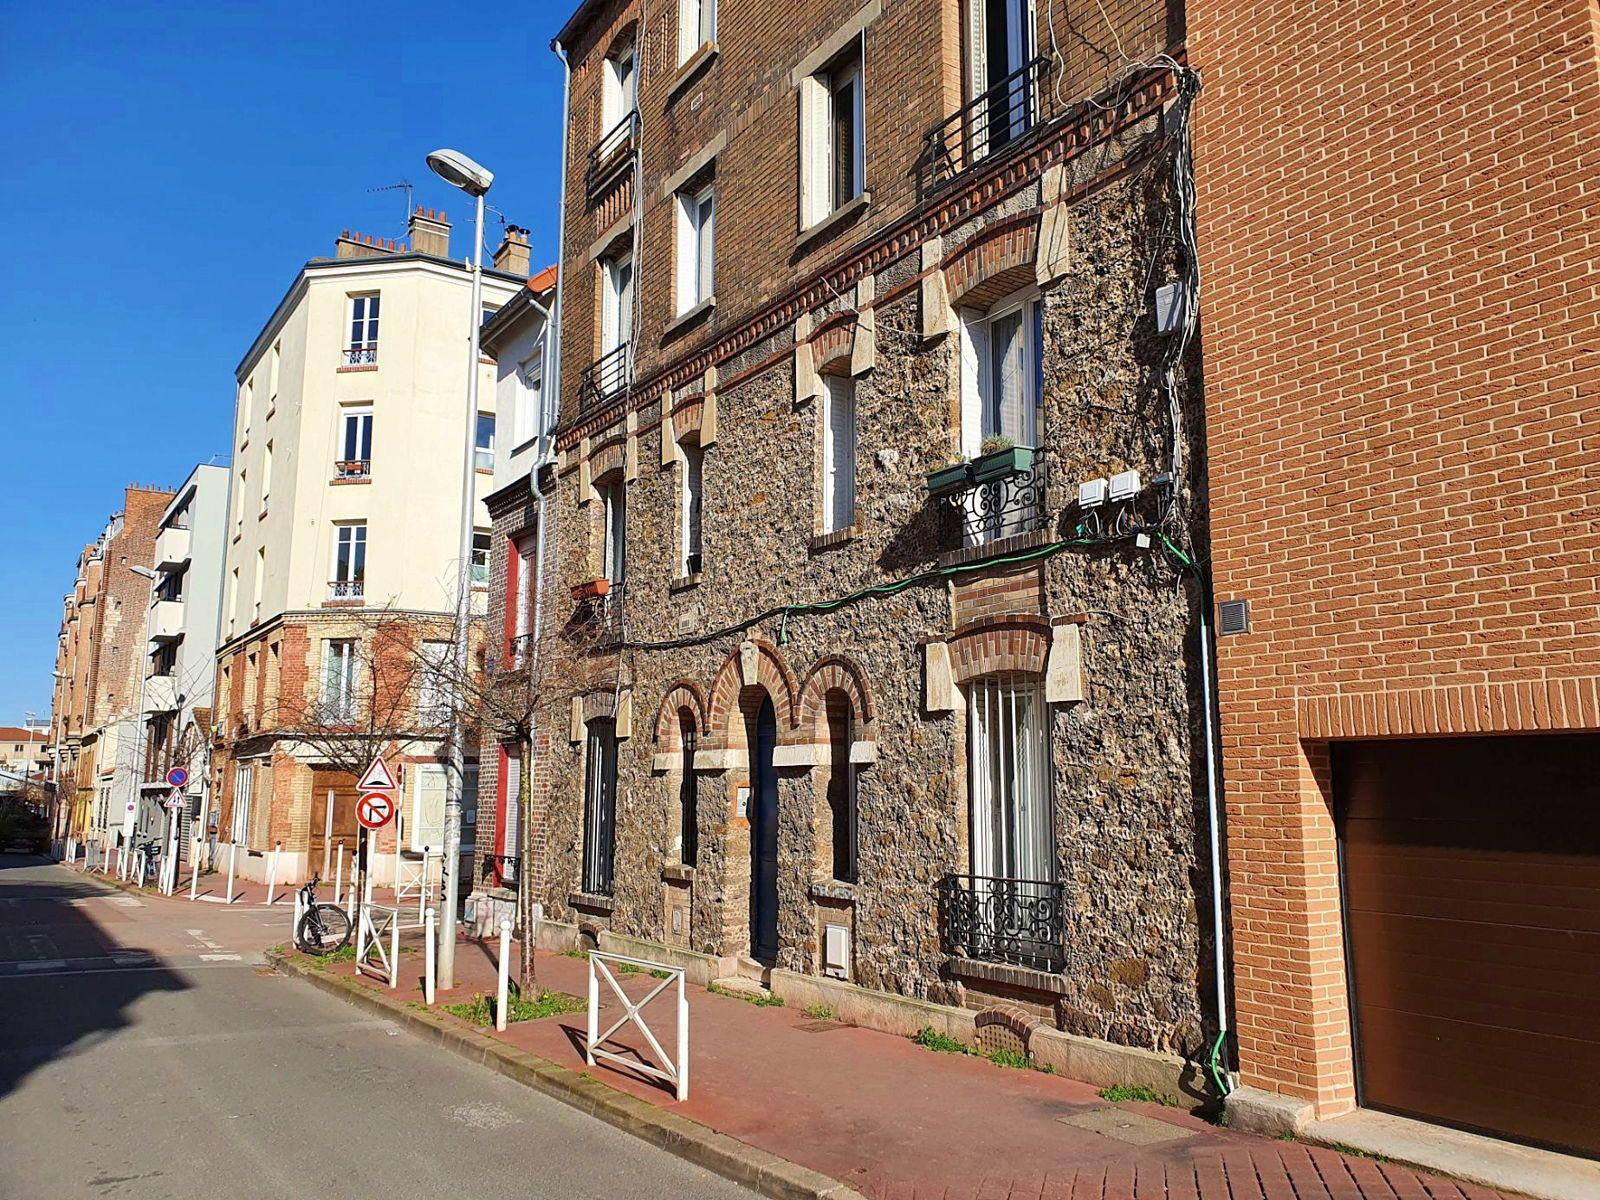 Loue bel appartement Montrouge avec souplex - 1chambre, 63m² - Montrouge (92)